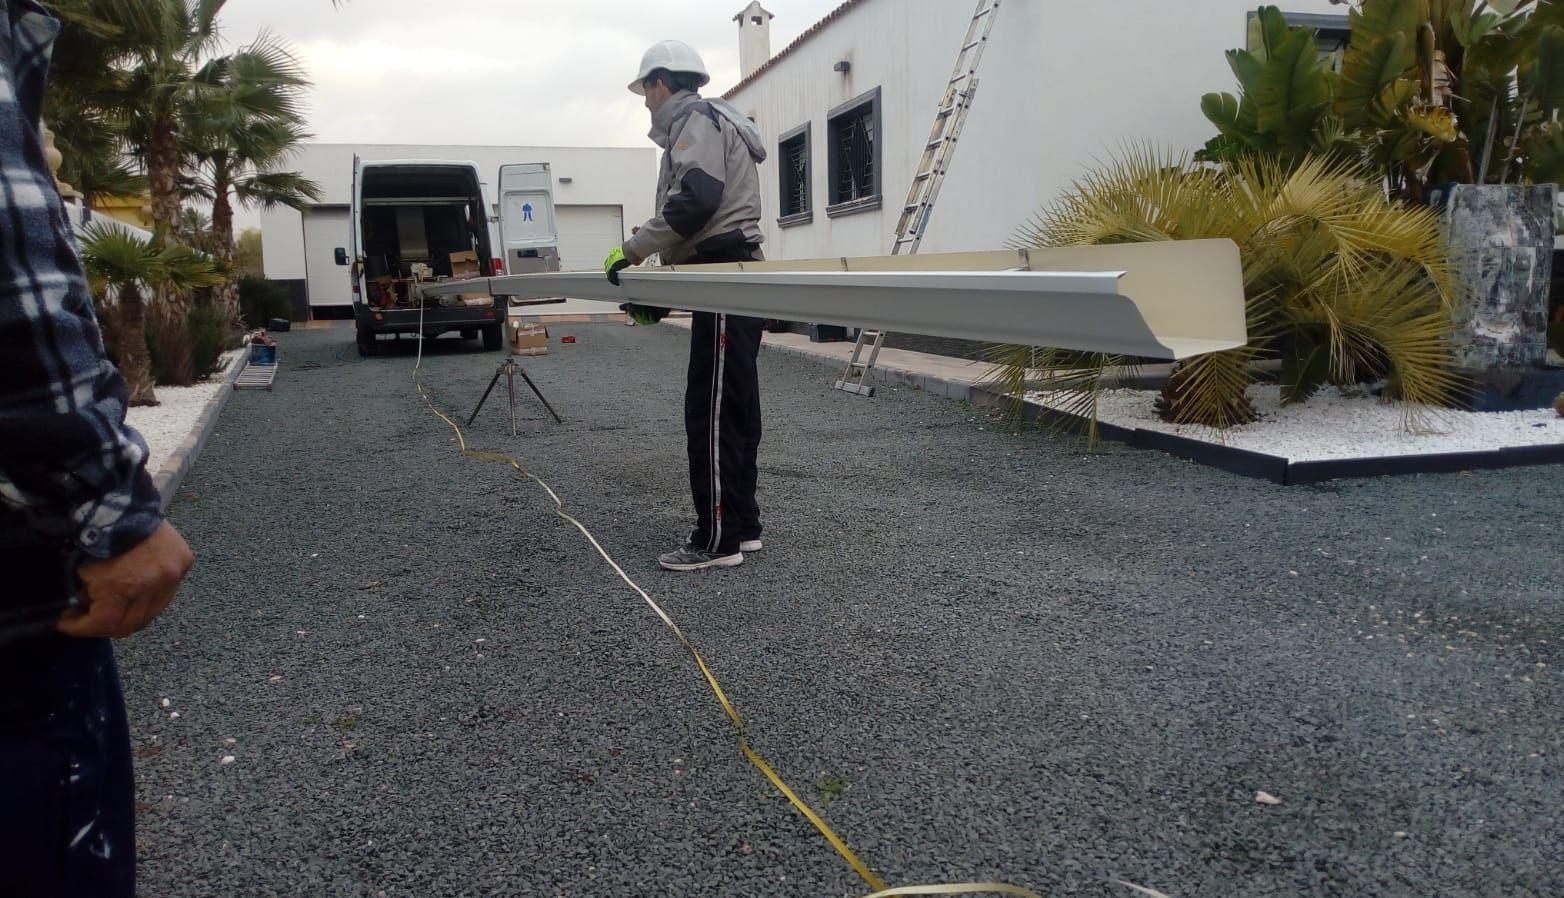 Instalación de Canalon de aluminio en blanco